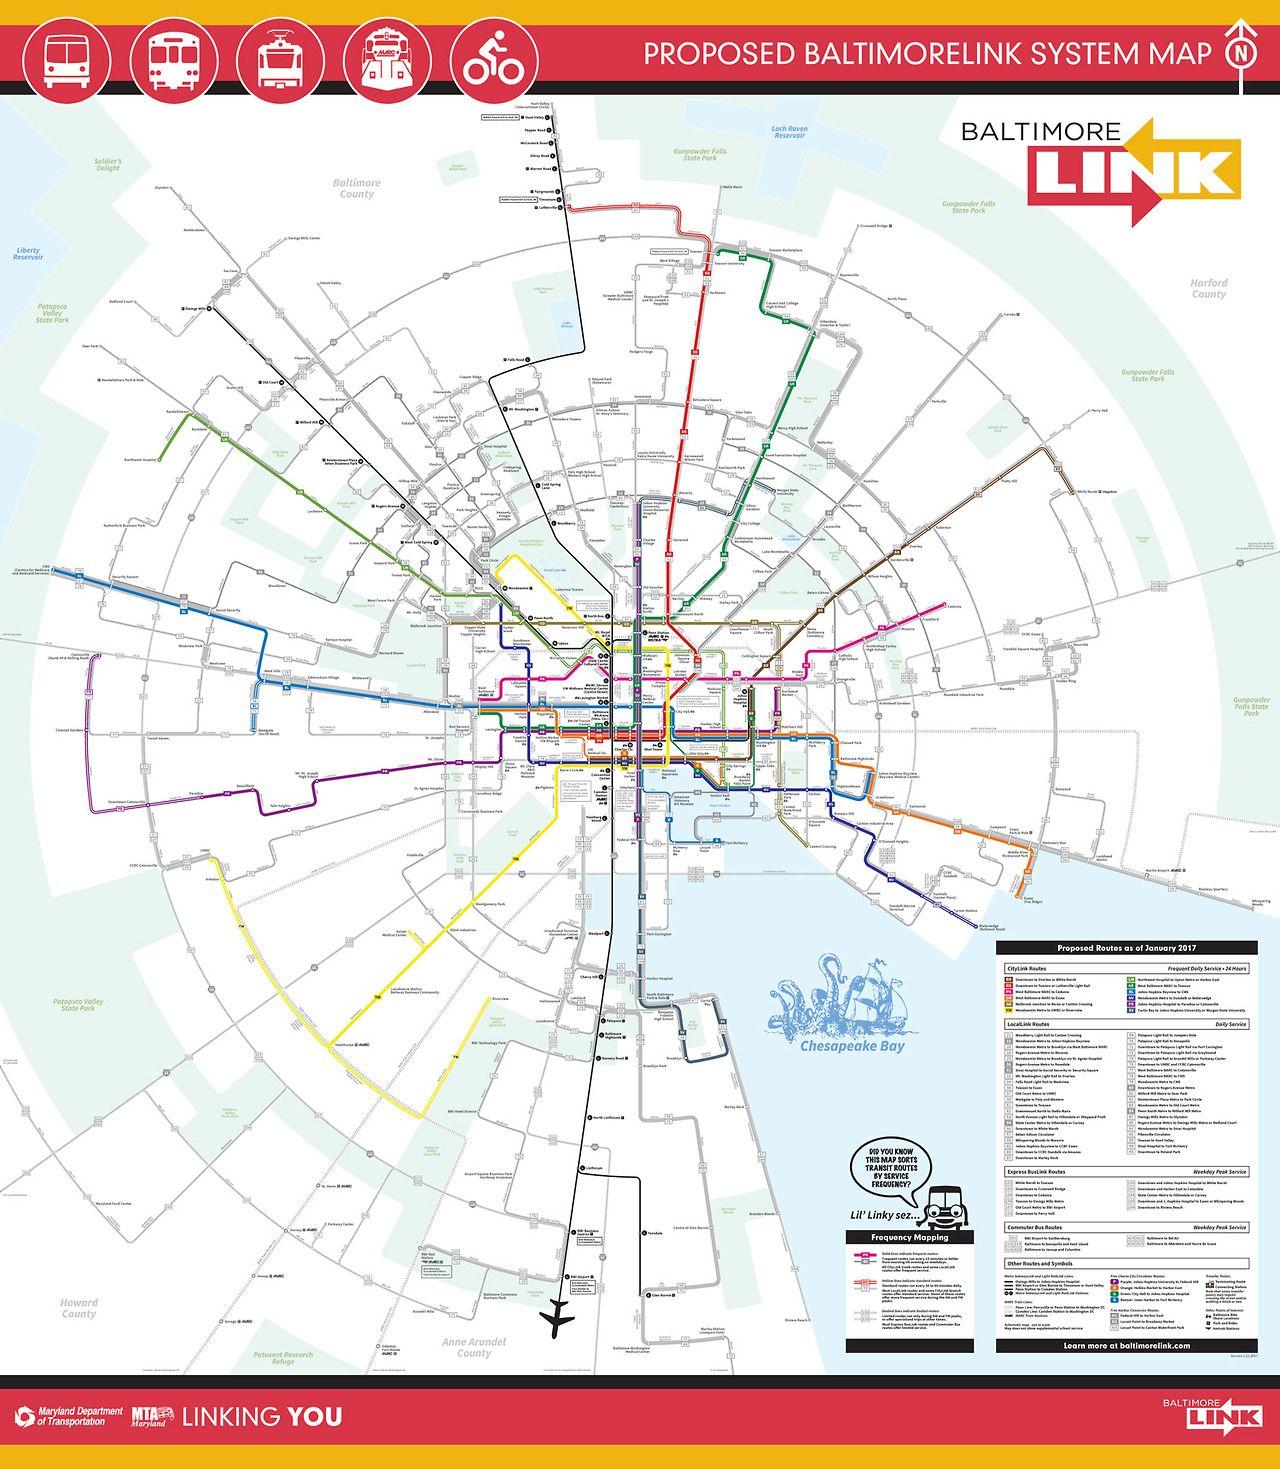 Proposed BaltimoreLink System Map 2017 Interesting hybrid grid